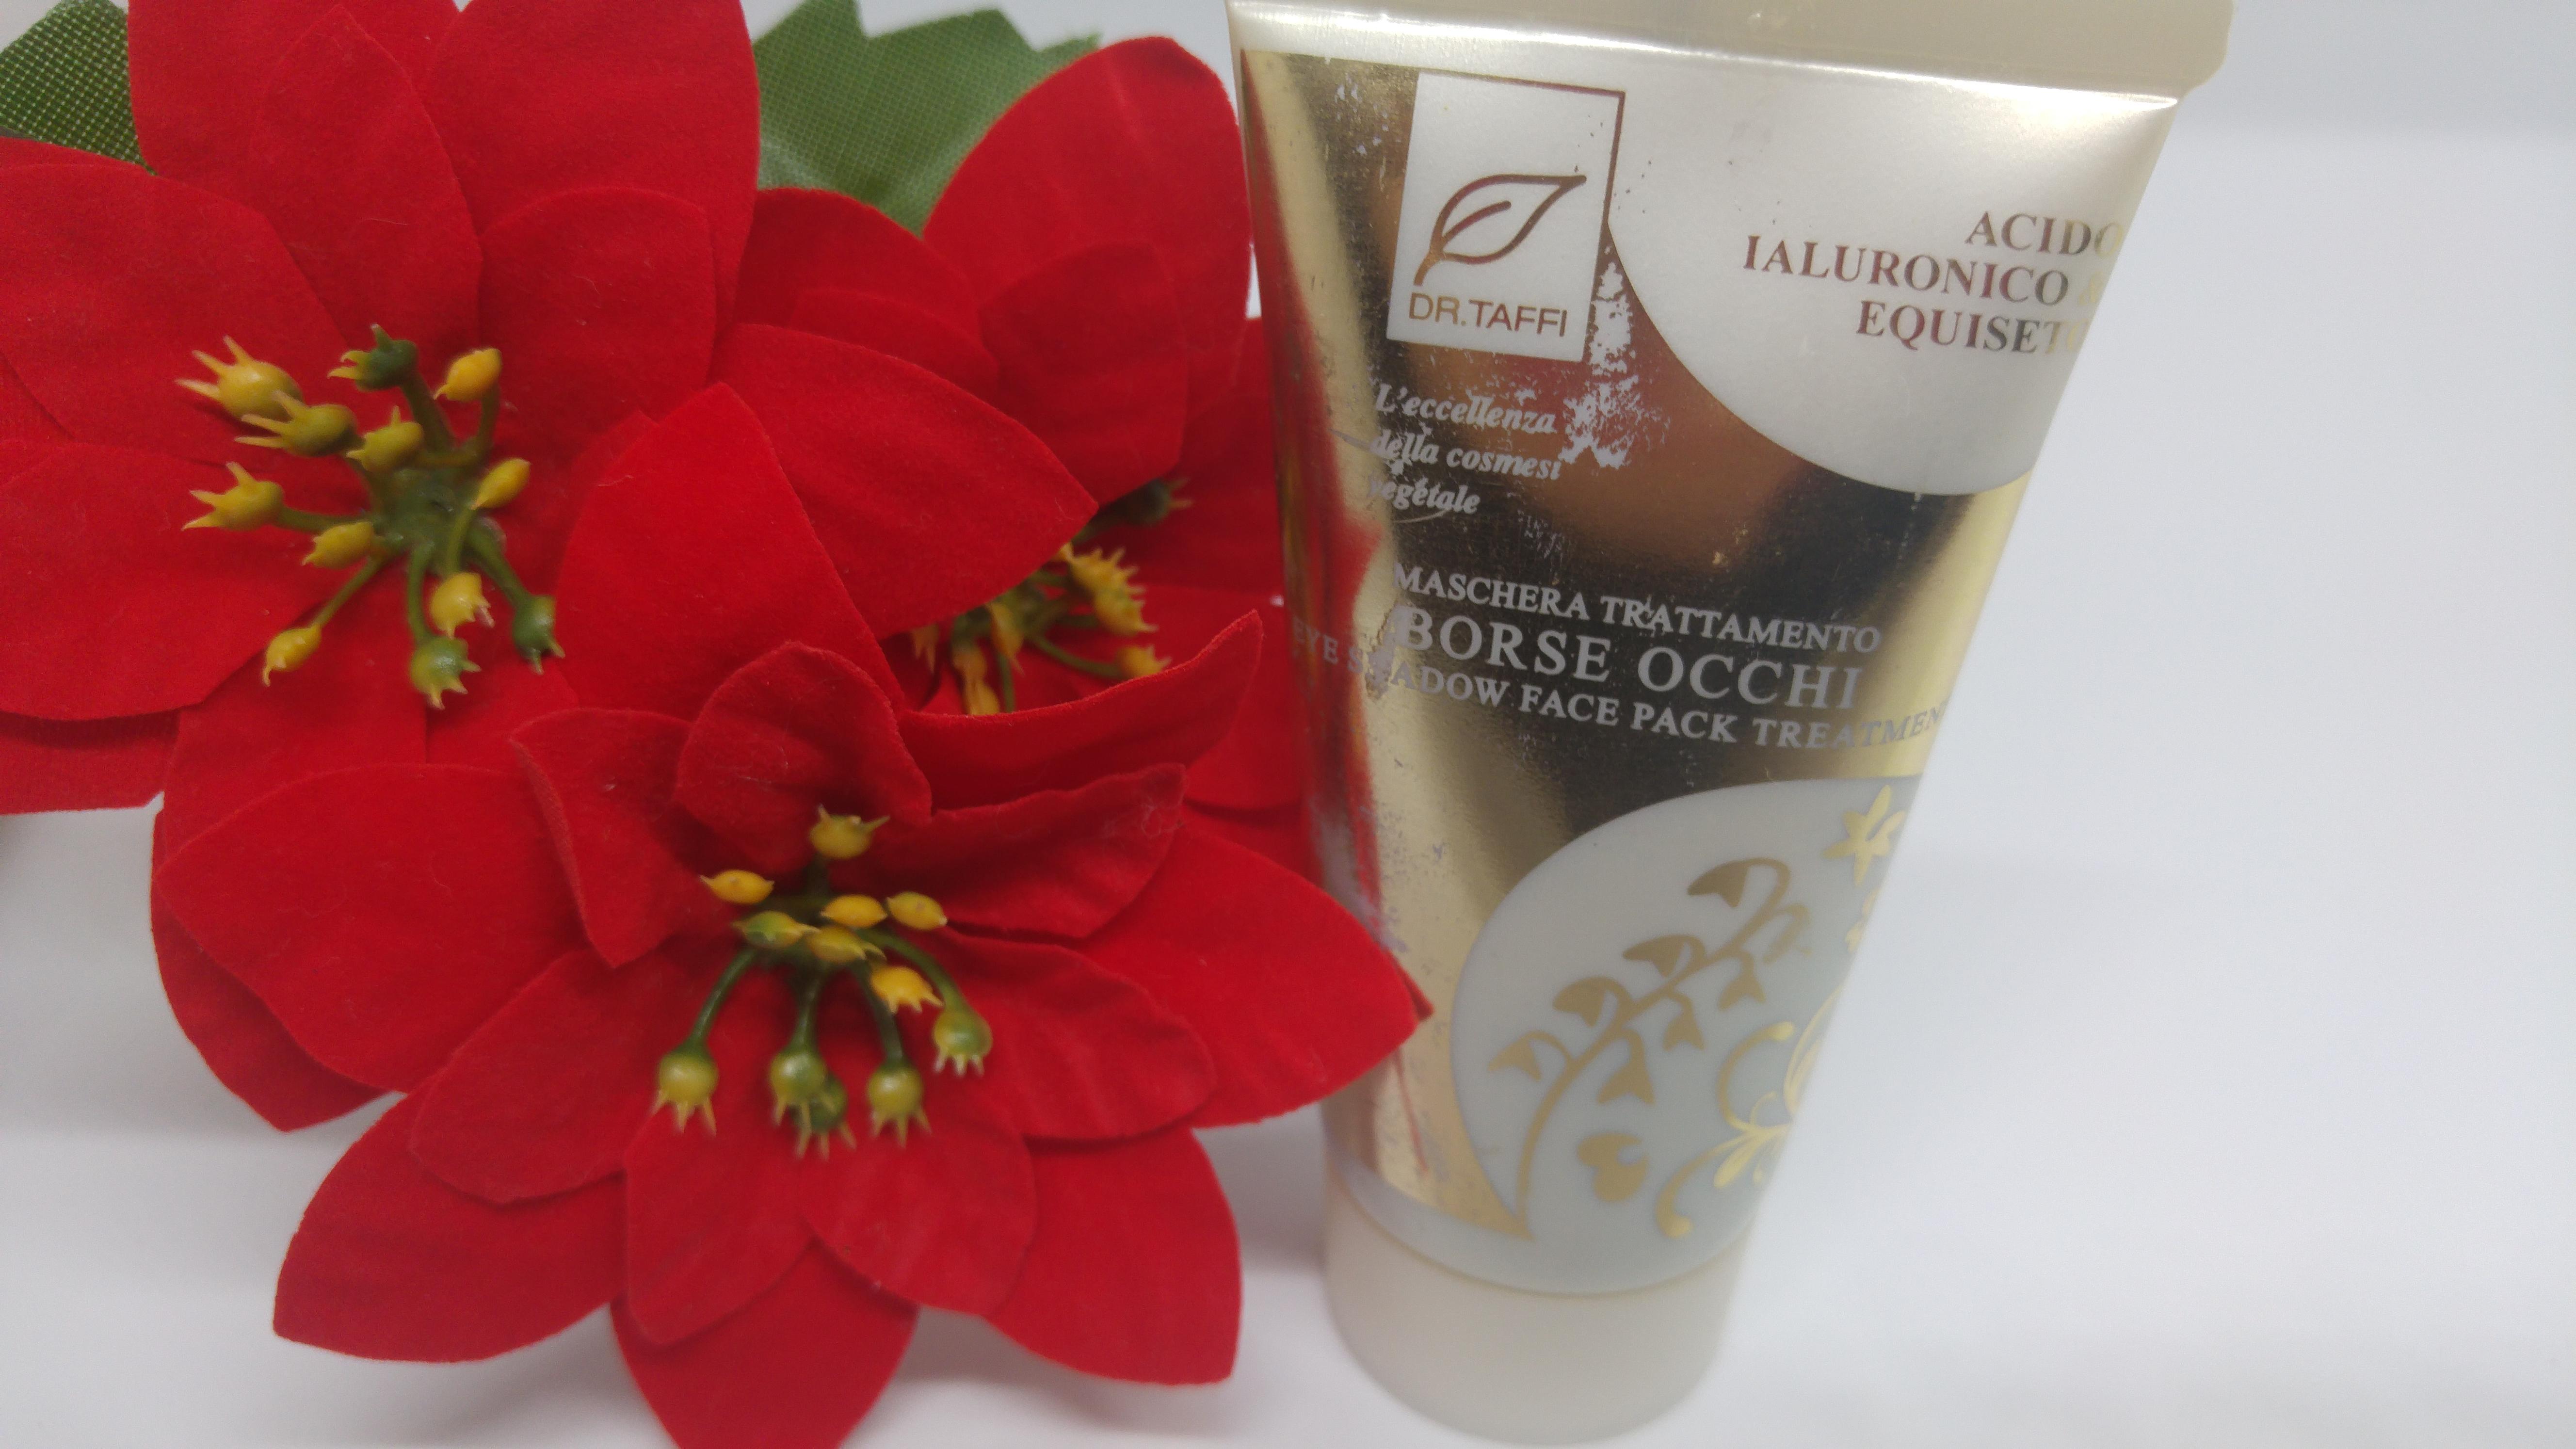 Maschera Borse Occhi – Dr. Taffi | Recensione